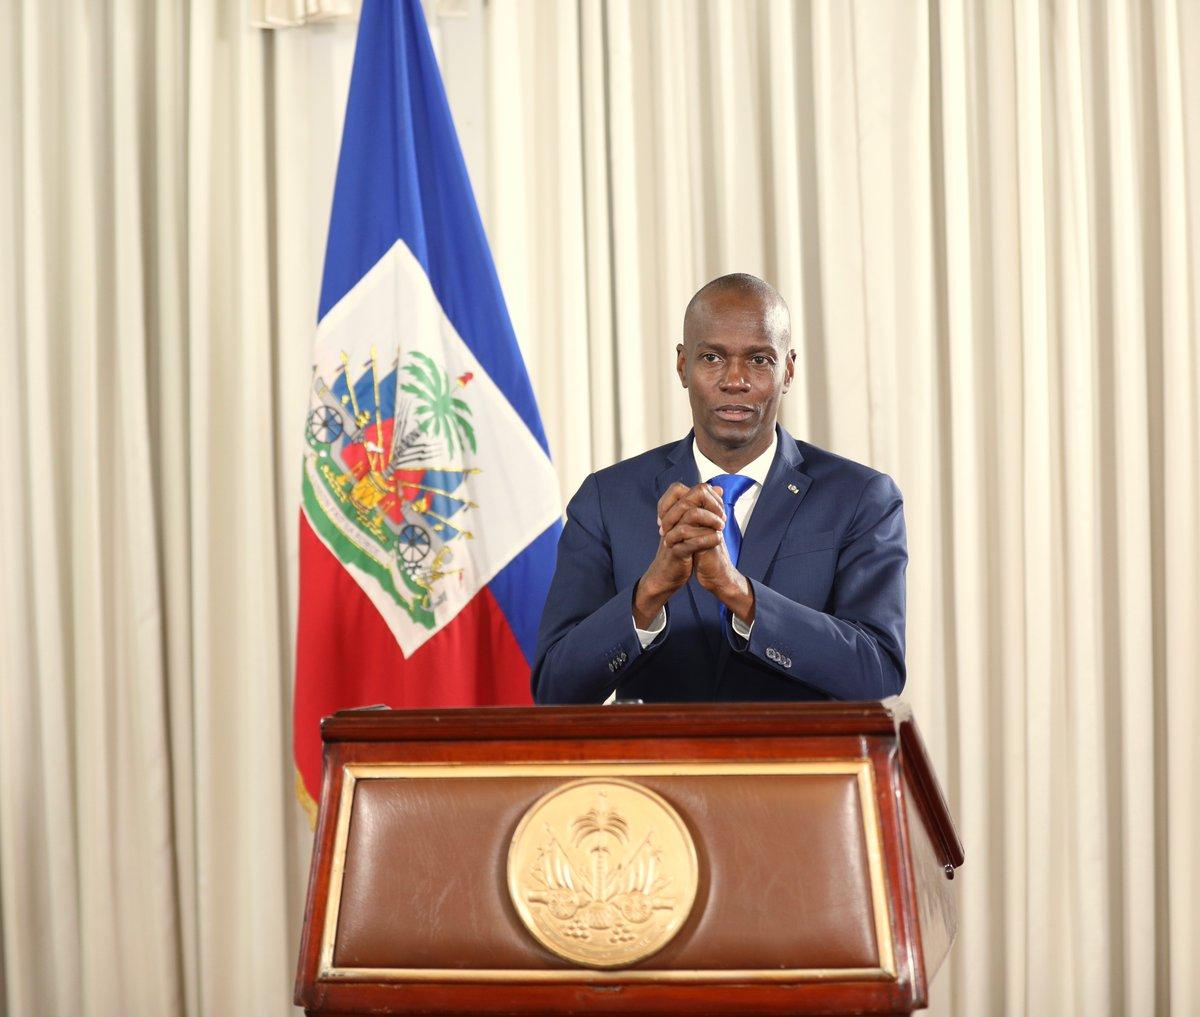 Le président haïtien, Jovenel Moïse / Photo: La Présidence